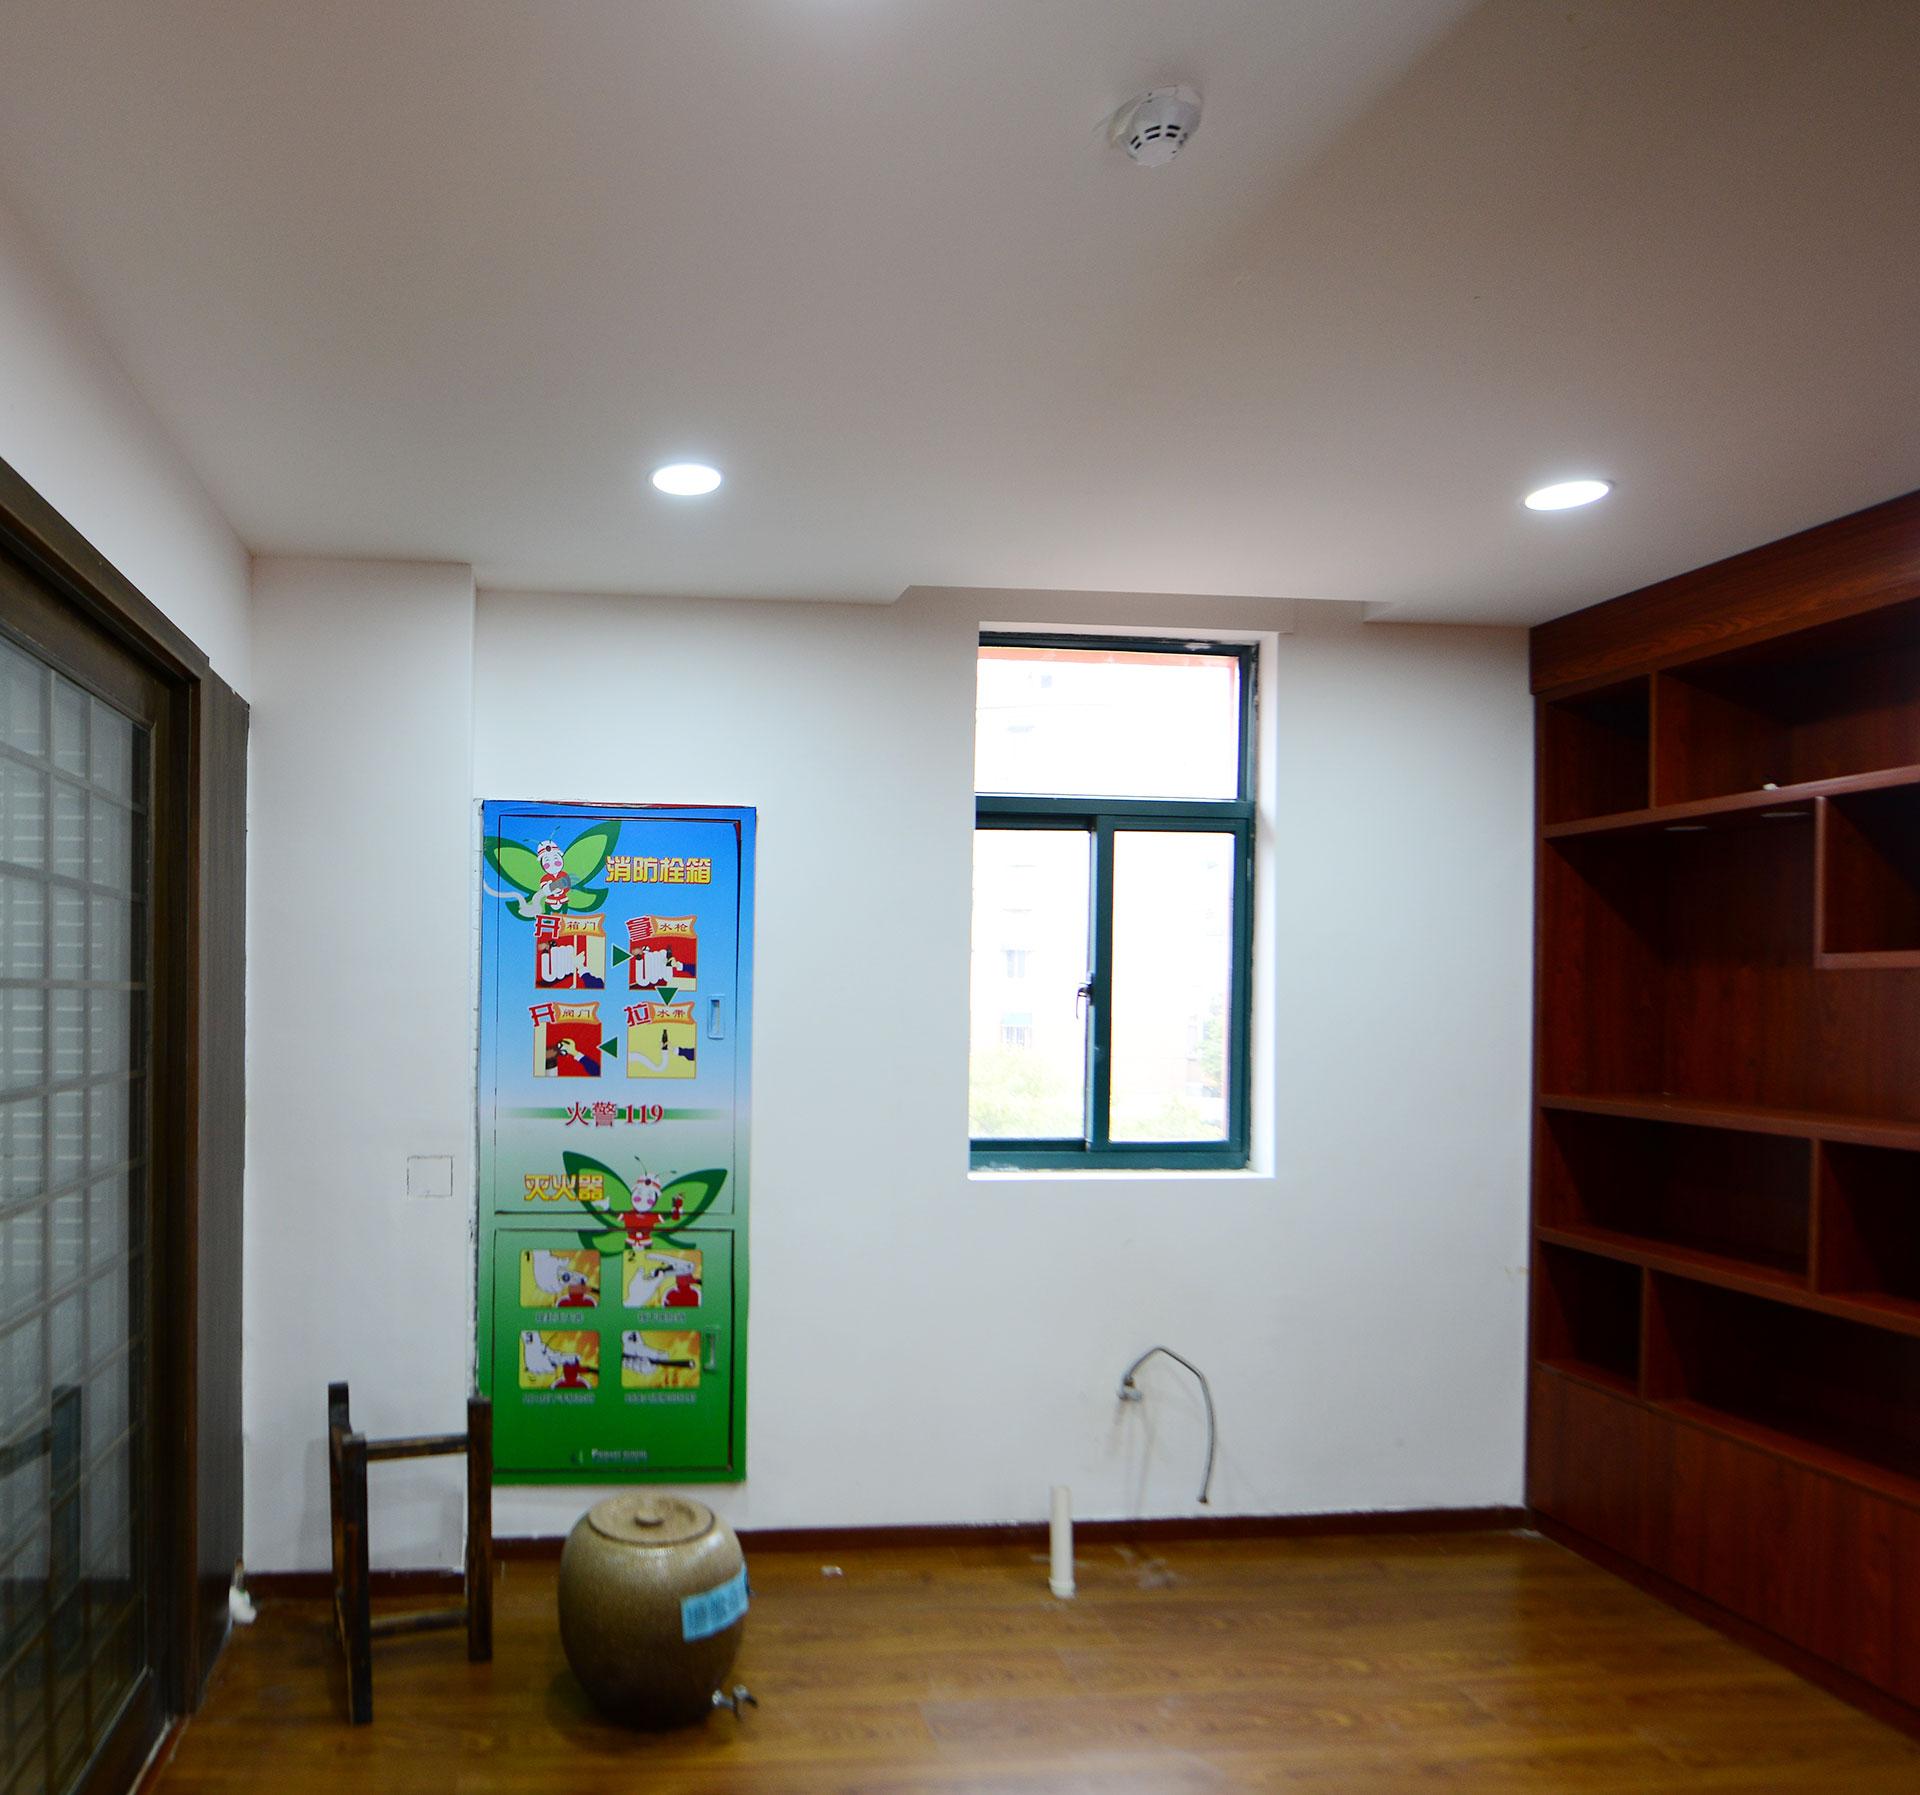 企业文化墙|校园文化设计、制作、施工一体化